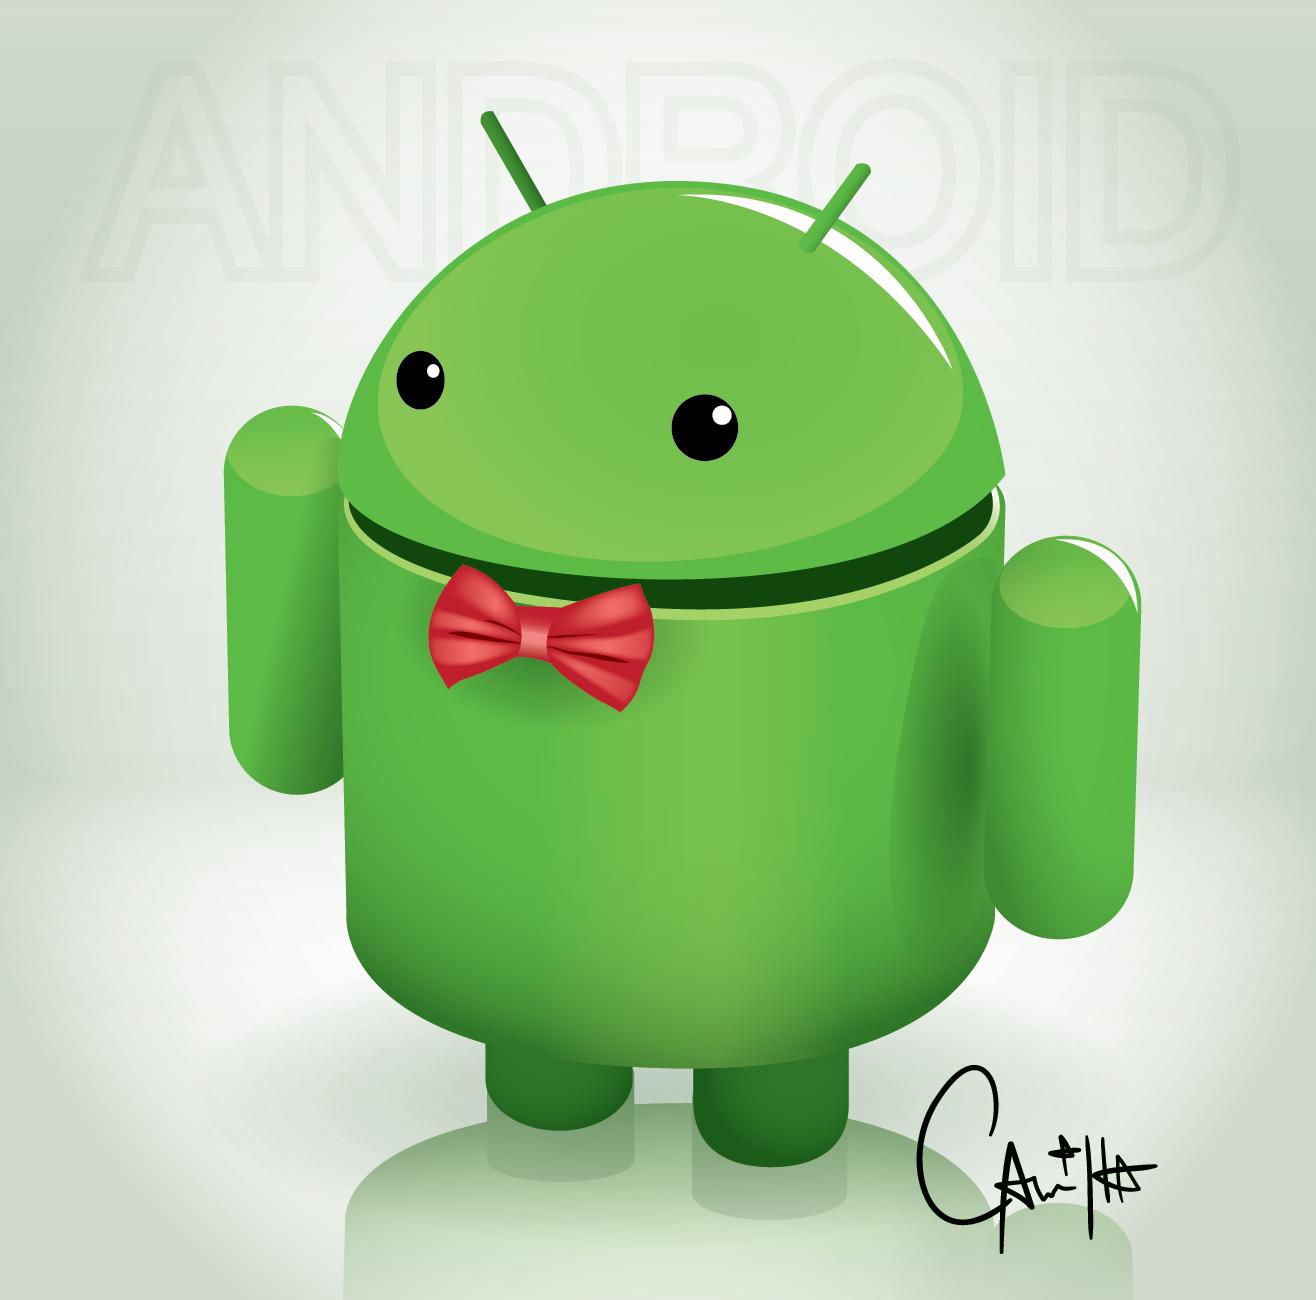 Les revenus des applis android pour smartphones doubl s en - Plafond non utilise pour les revenus de 2012 ...